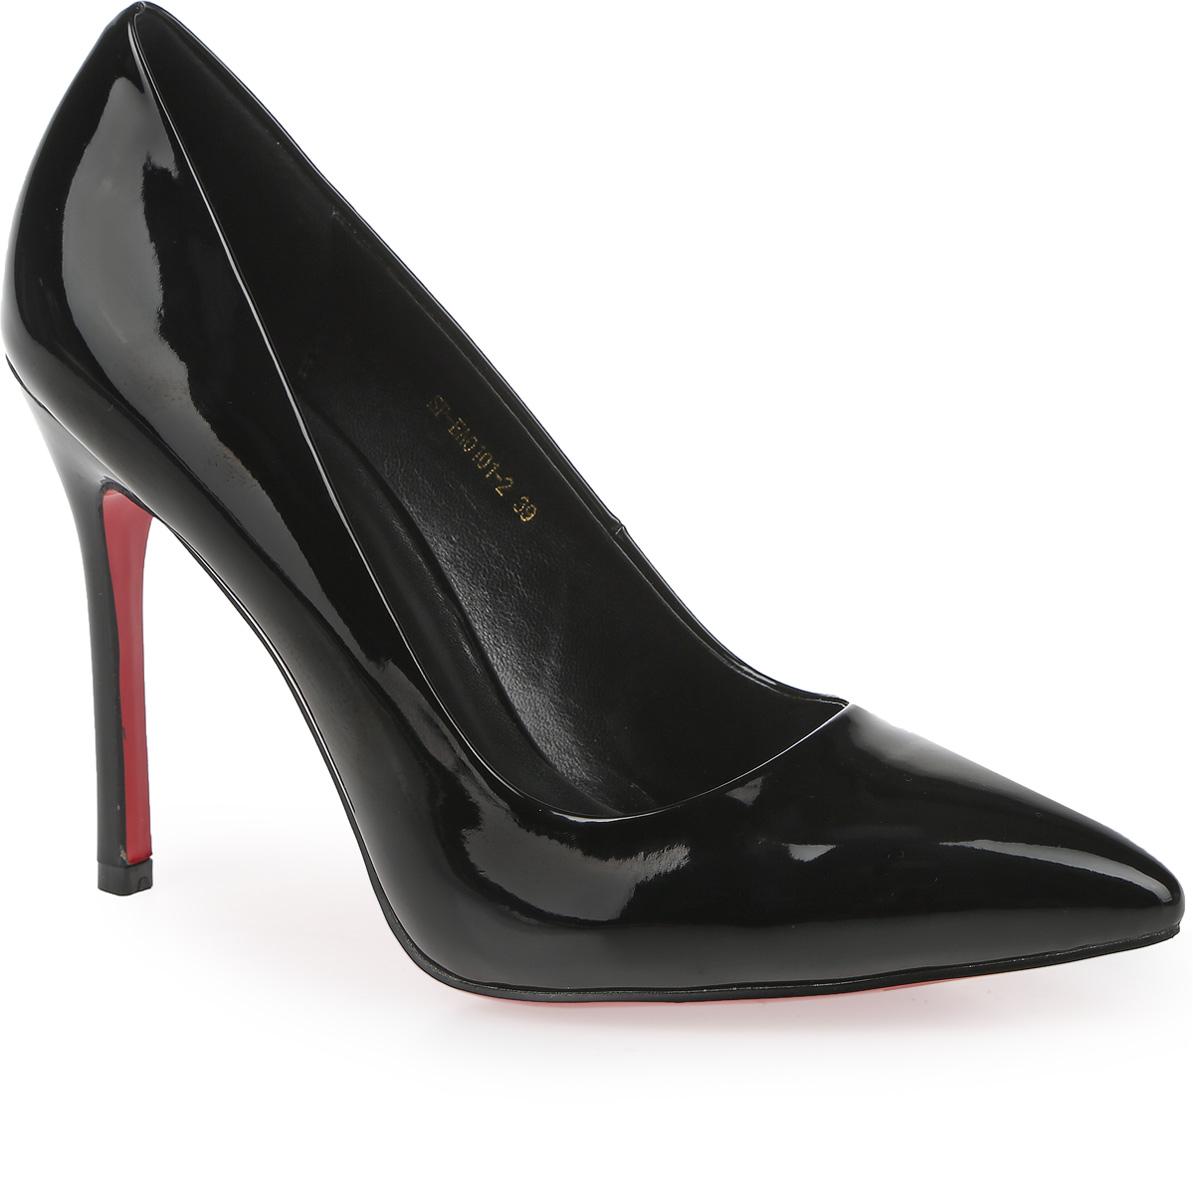 SP-EA0101-2Элегантные туфли выполнены из искусственной лаковой кожи. Стелька выполнена из натуральной кожи, которая обеспечит комфорт при движении и предотвратит натирание. Модель оснащена высоким каблуком шпилькой. Подошва выполнена из термопластичного материала.